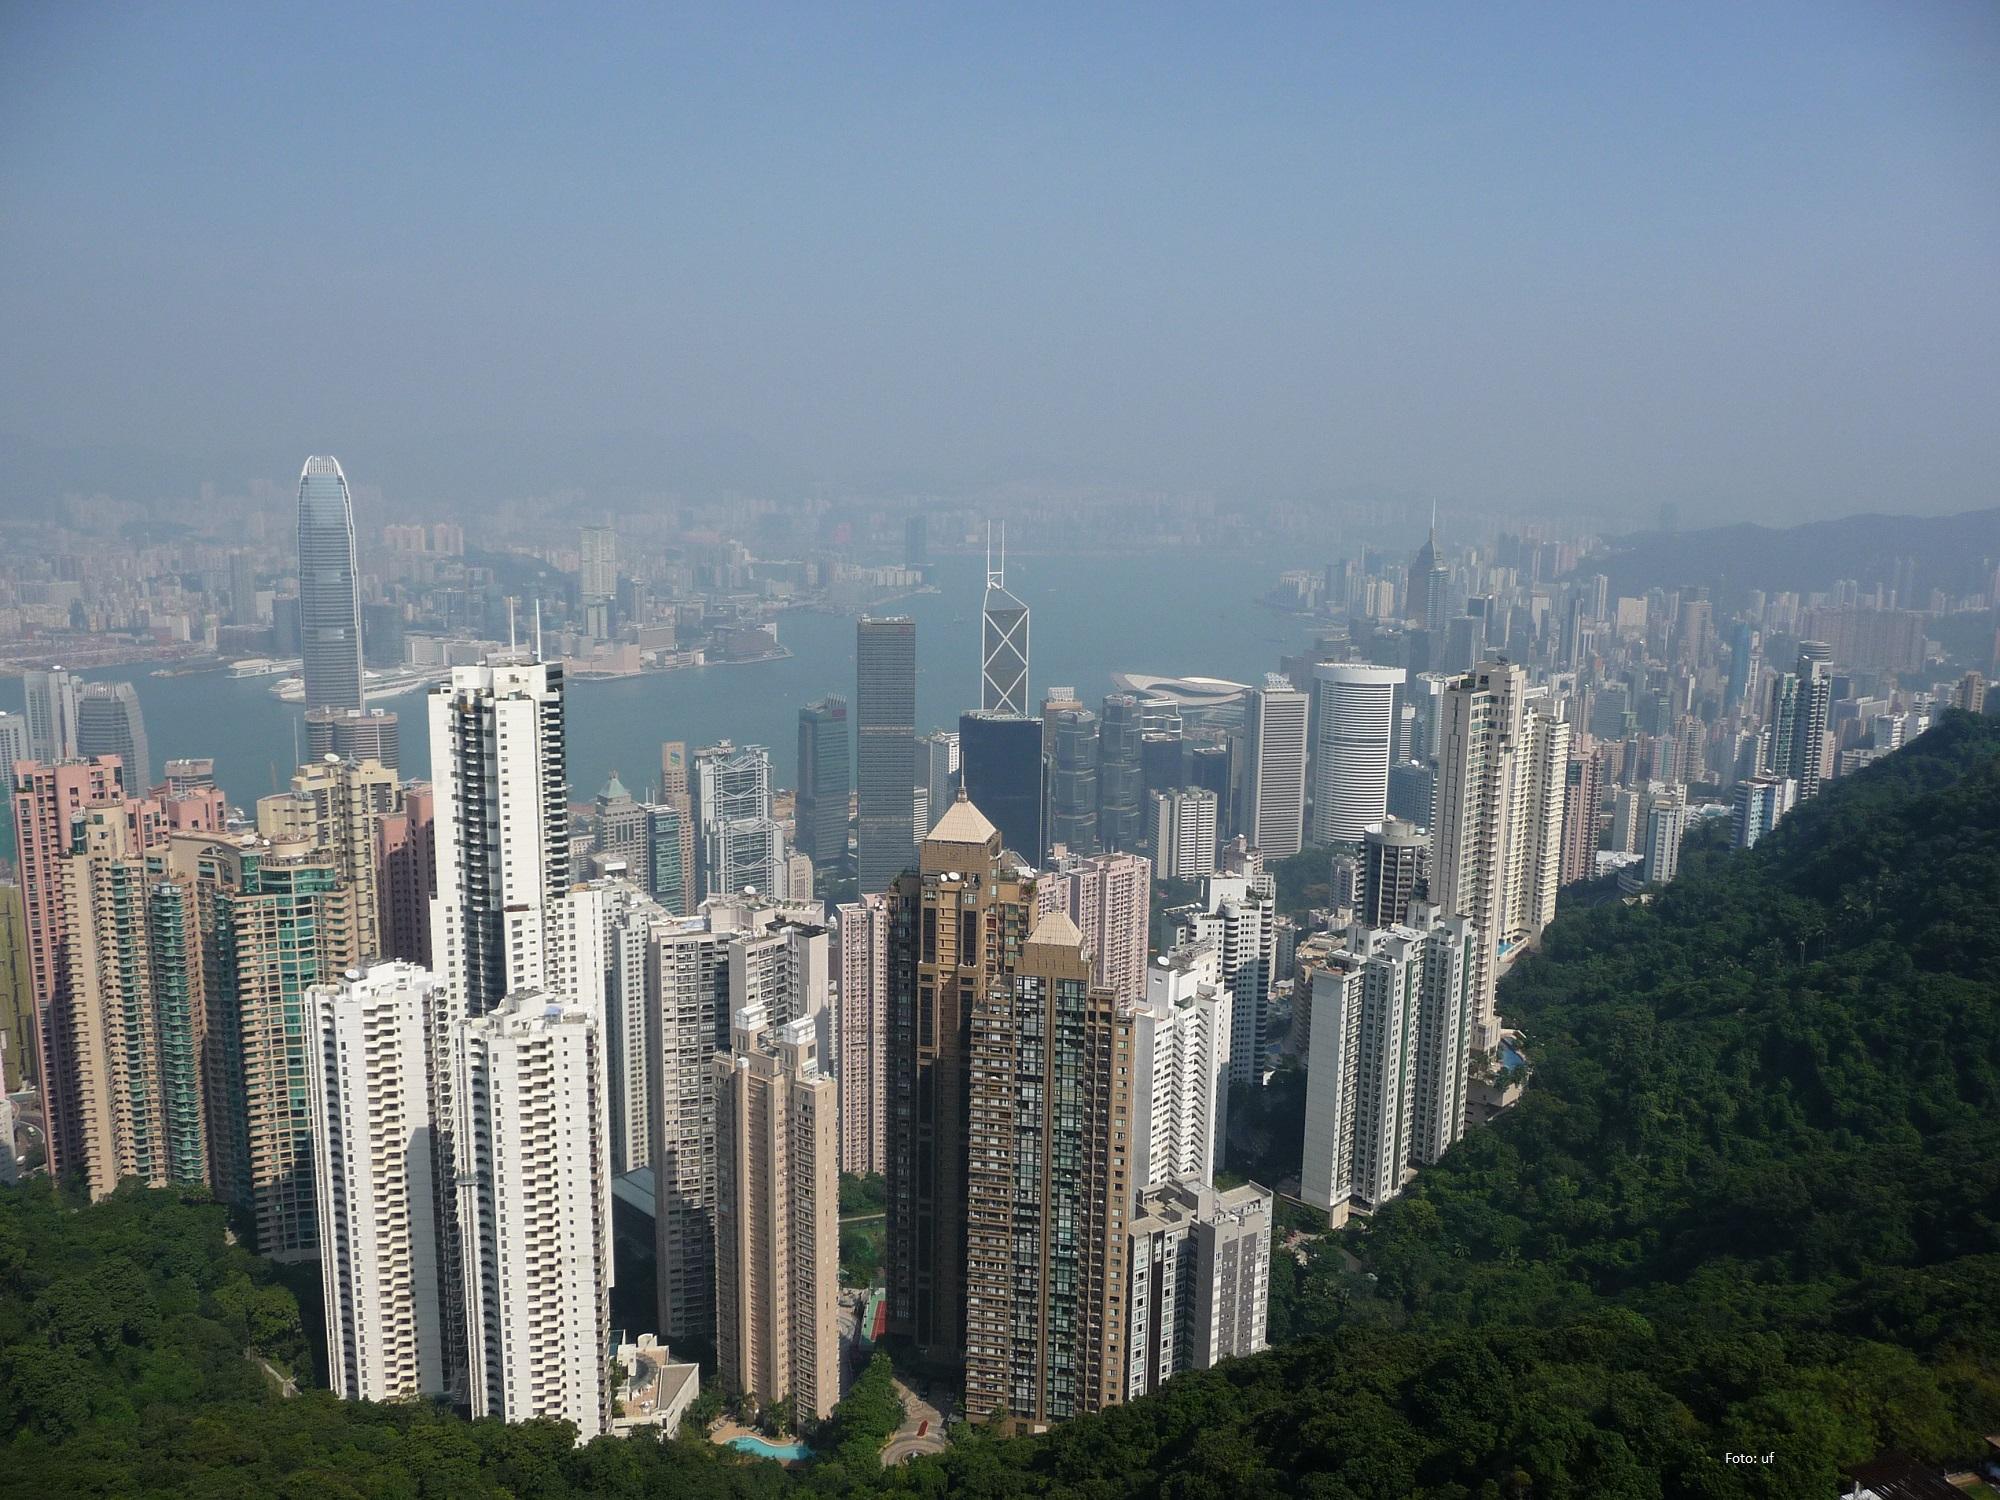 Schöner Blick auf die Wolkenkratzer von Hong Kong Island, auf der anderen Seite der Meerenge (Victoria Harbour) ist Kowloon zu sehen